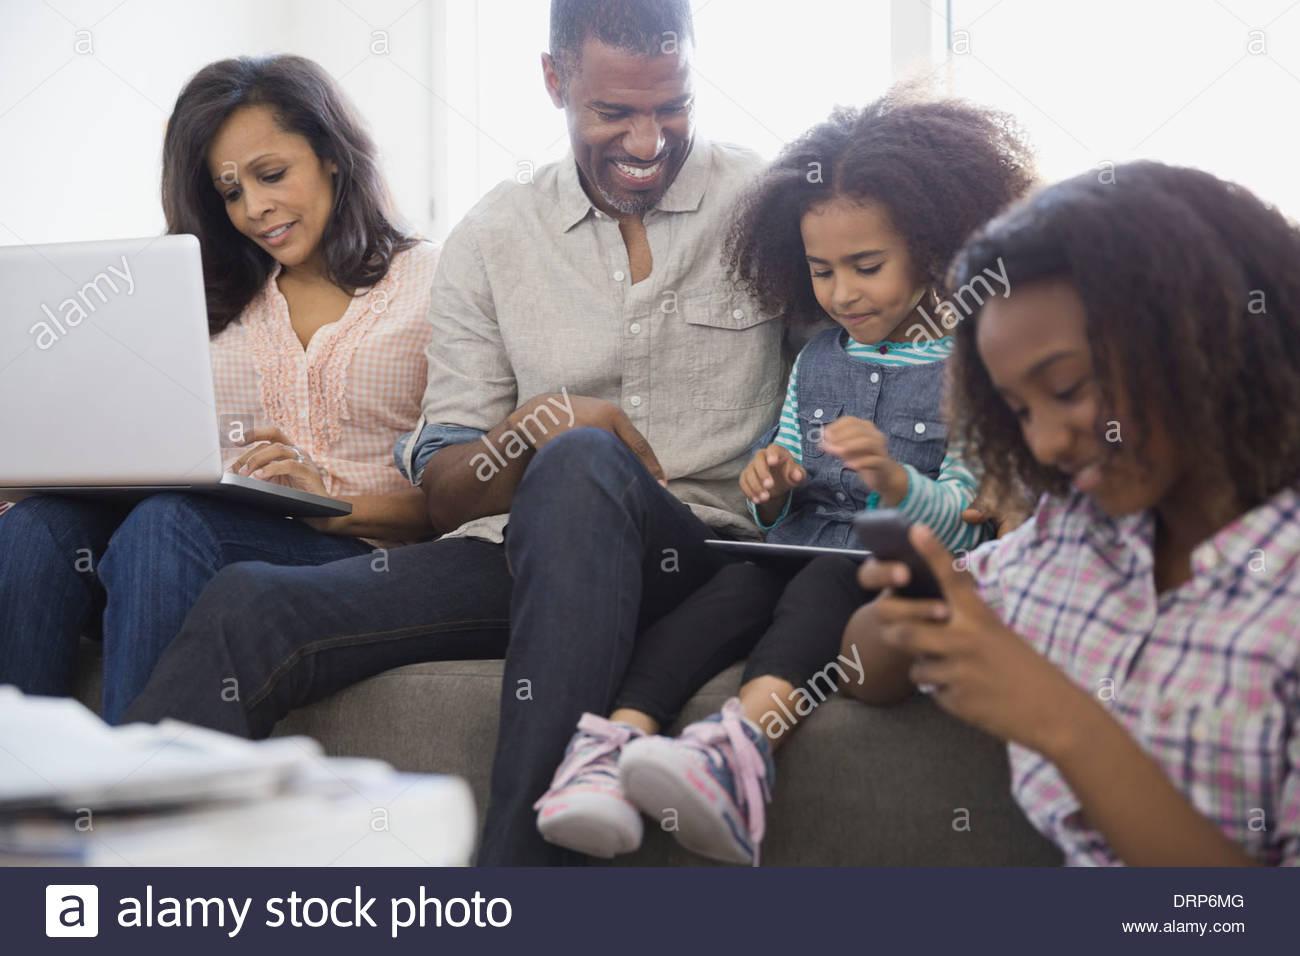 Famiglia utilizzando dispositivi wireless a casa Immagini Stock